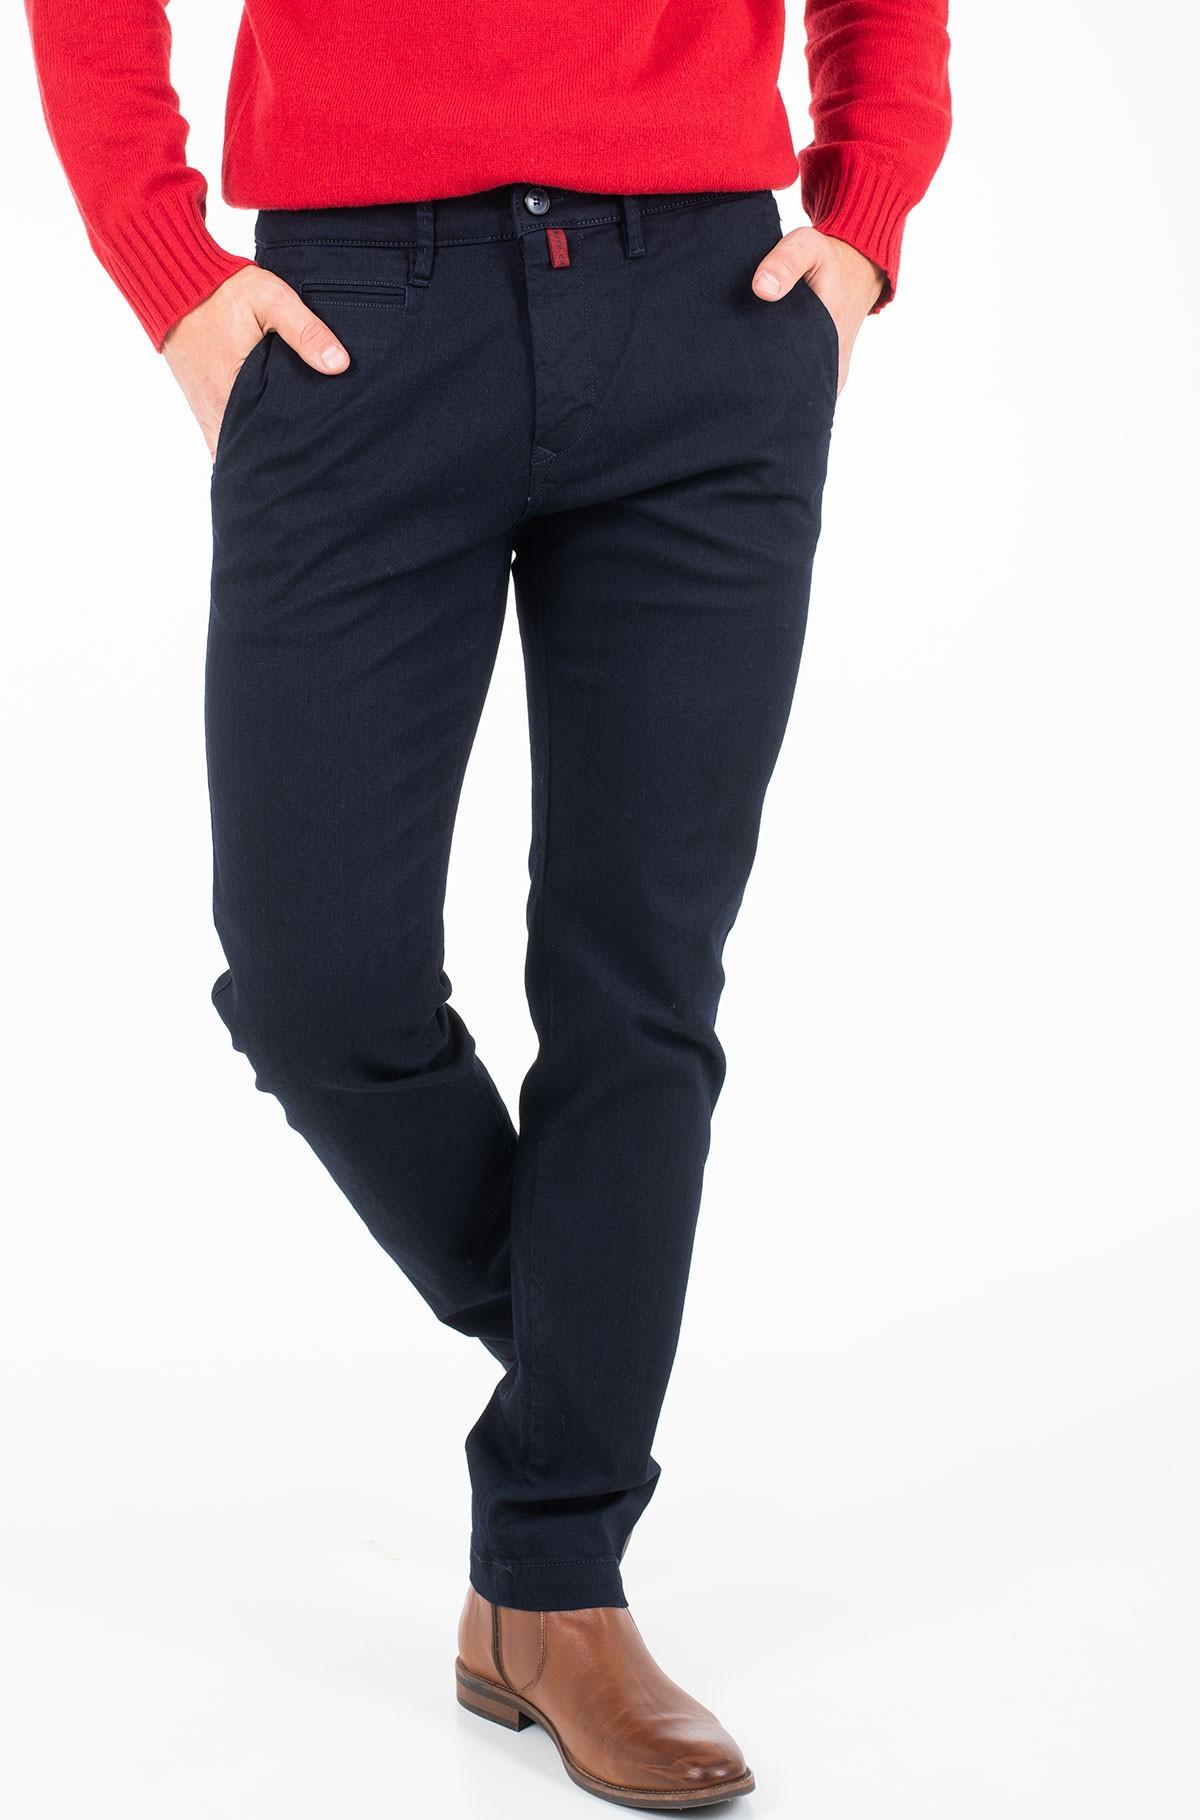 Jeans 33755-full-1